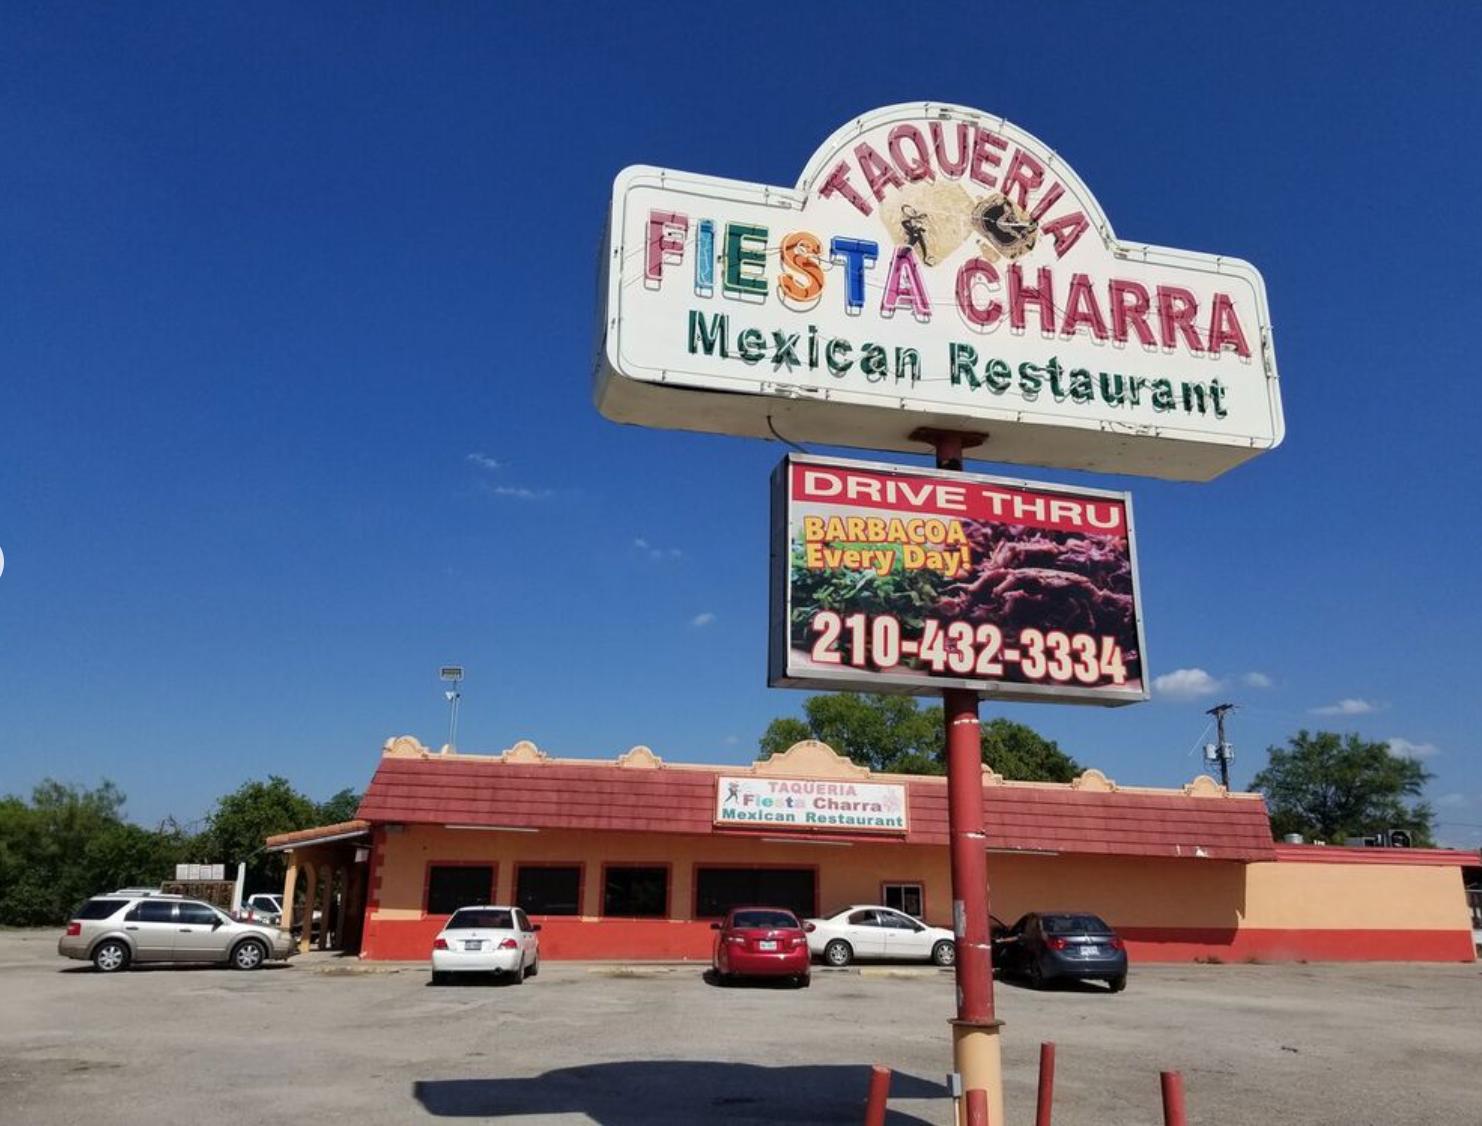 メキシコ料理 | サンアントニオ在住ときさんのおすすめグルメ・食事スポット